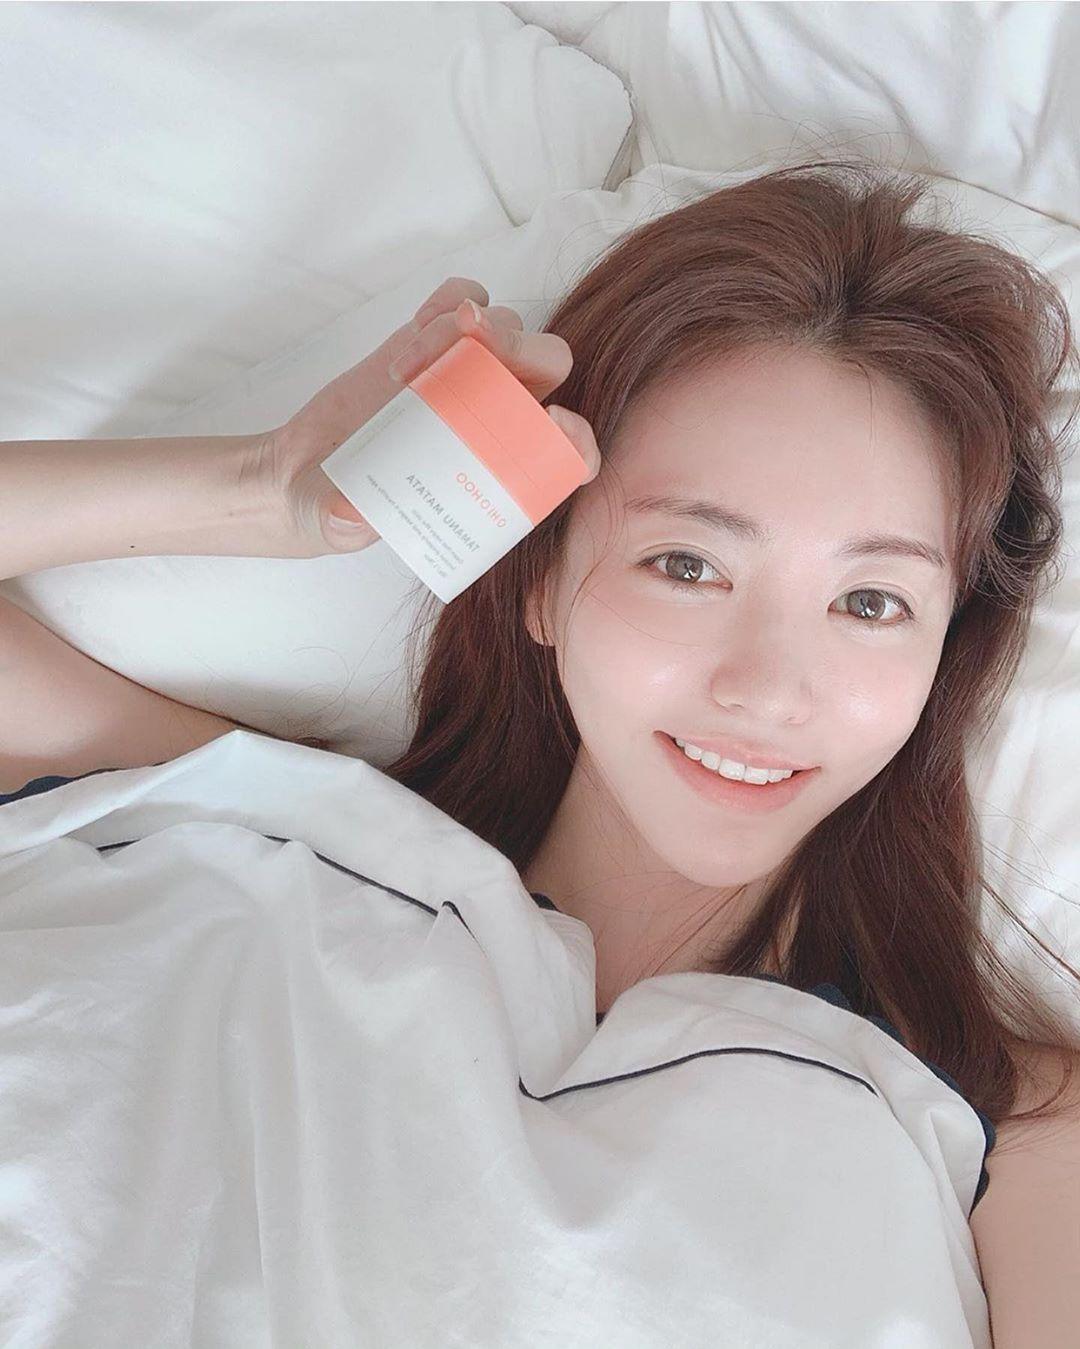 Chuyên gia lên lịch chăm sóc da cho cô dâu, quan trọng nhất là tips đắp mặt nạ và uống nước vào ngày cưới  - Ảnh 6.